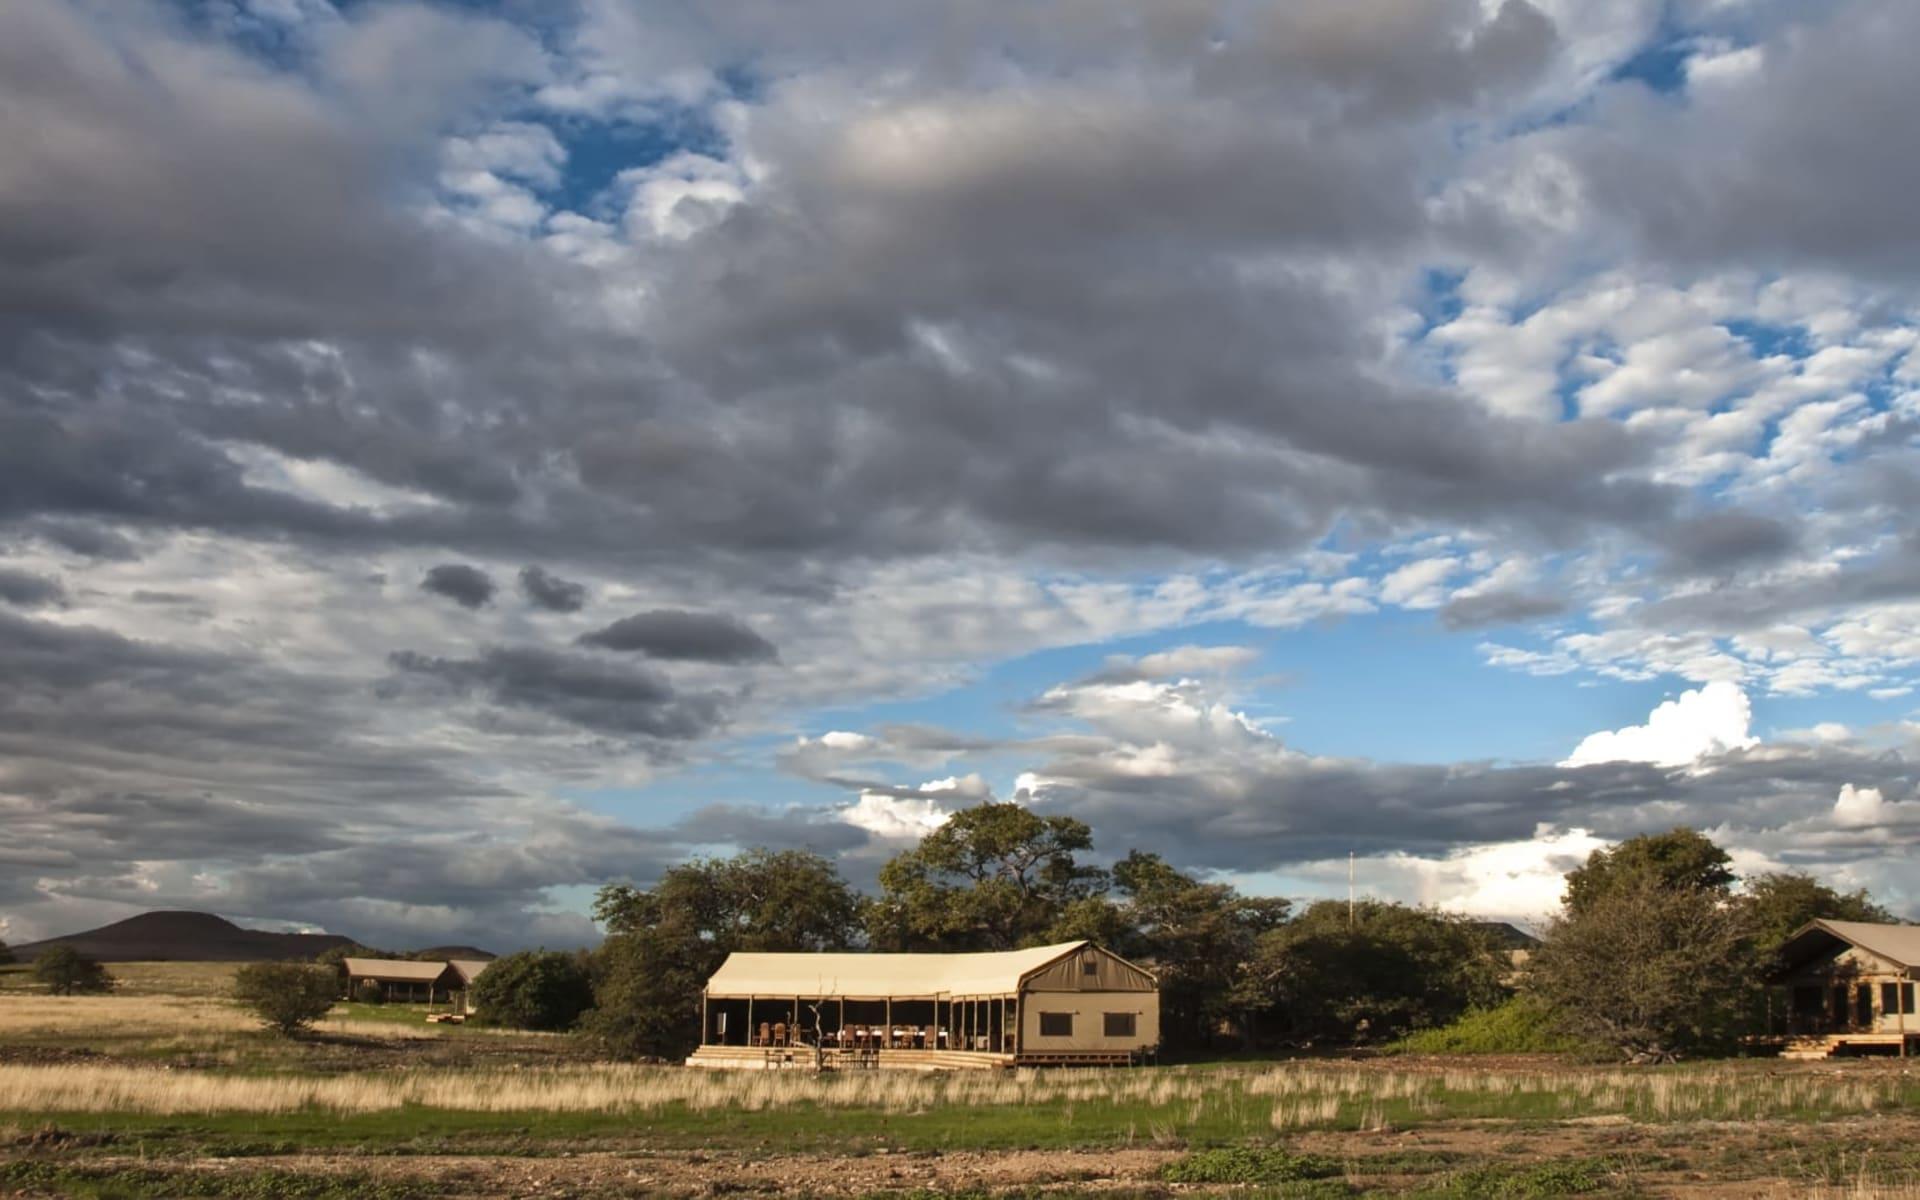 Desert Rhino Camp in Damaraland: Desert Rhino Camp